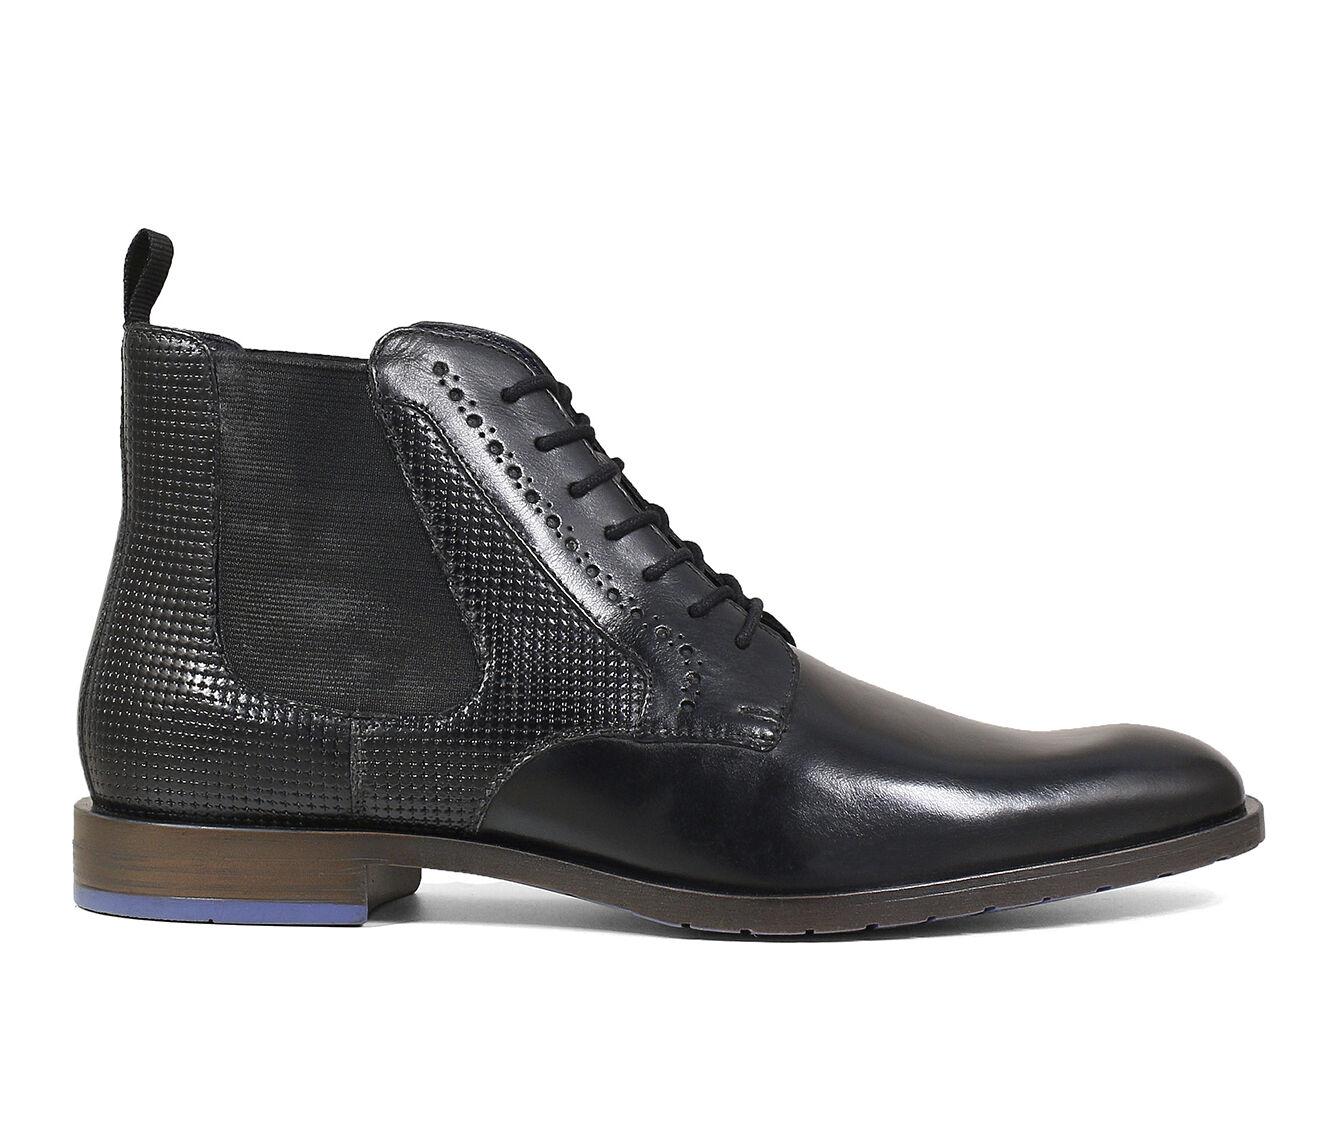 Men's Stacy Adams Rupert Dress Shoes Black